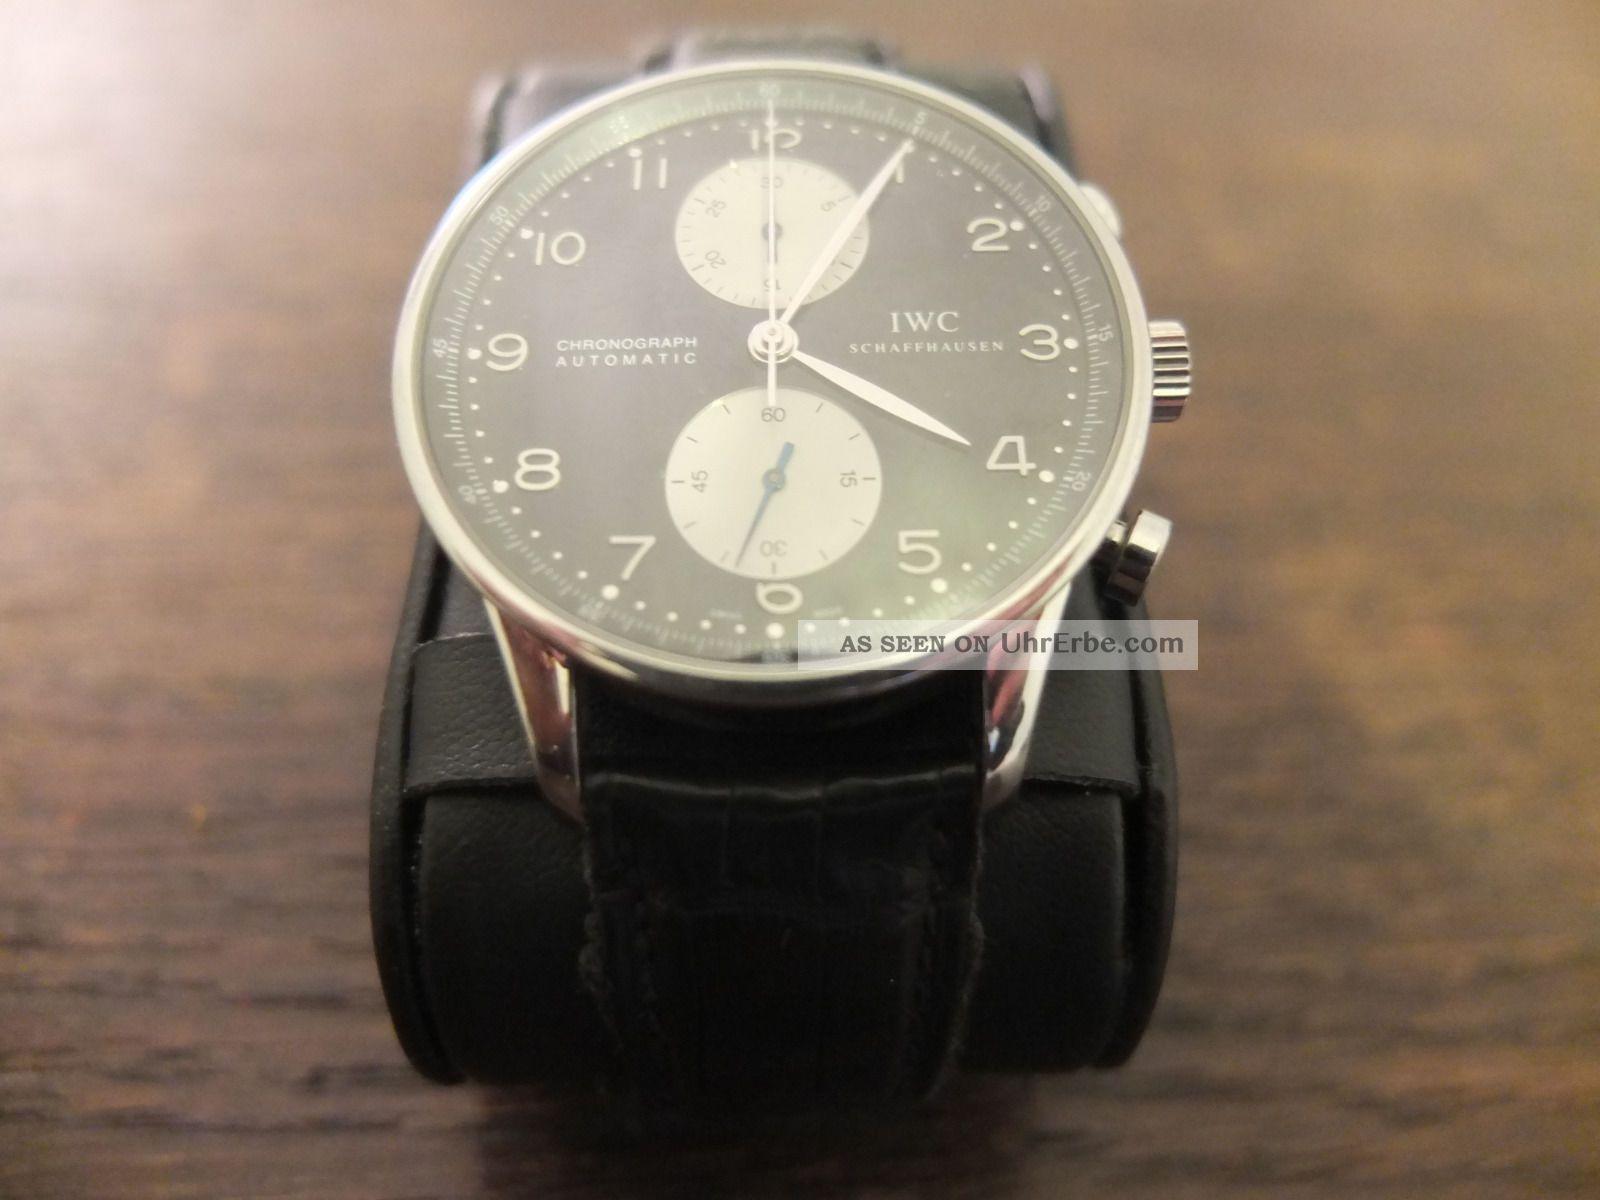 Iwc Portugieser Chronograph Ref.  3714 Schwarz,  Stahl,  Mit Box/pap. Armbanduhren Bild